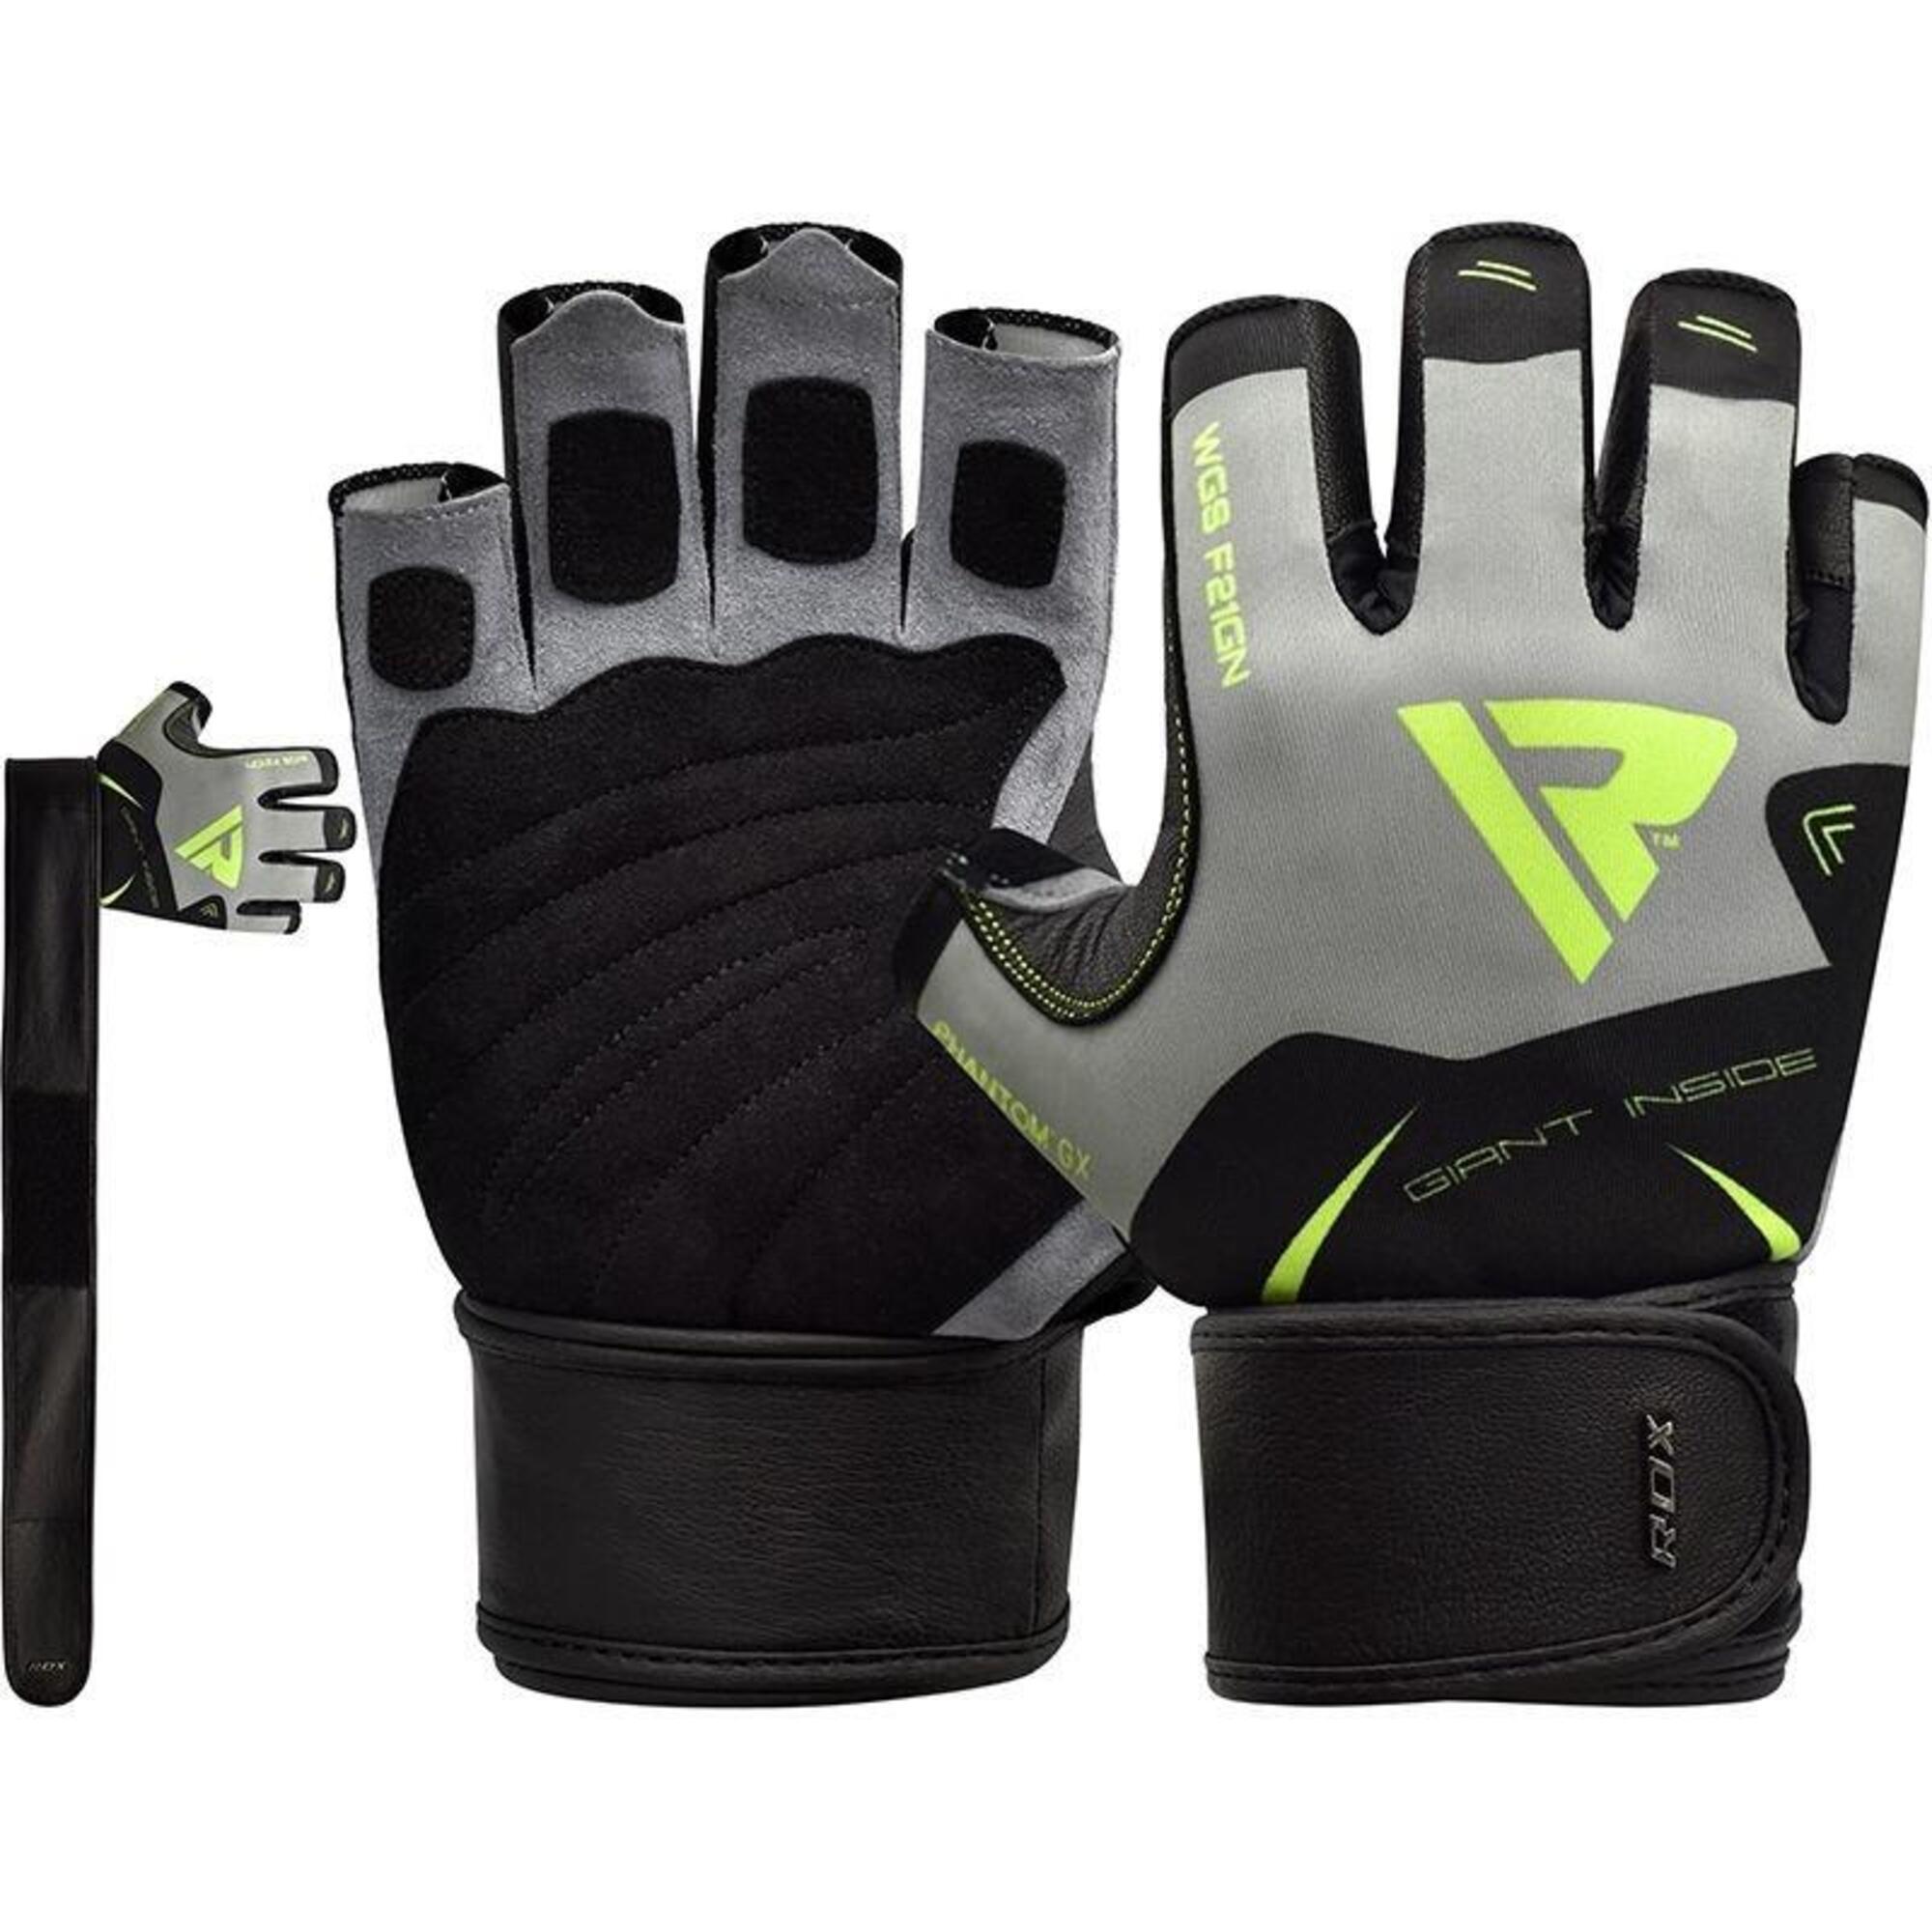 Sports F21 gant de fitnesse - L